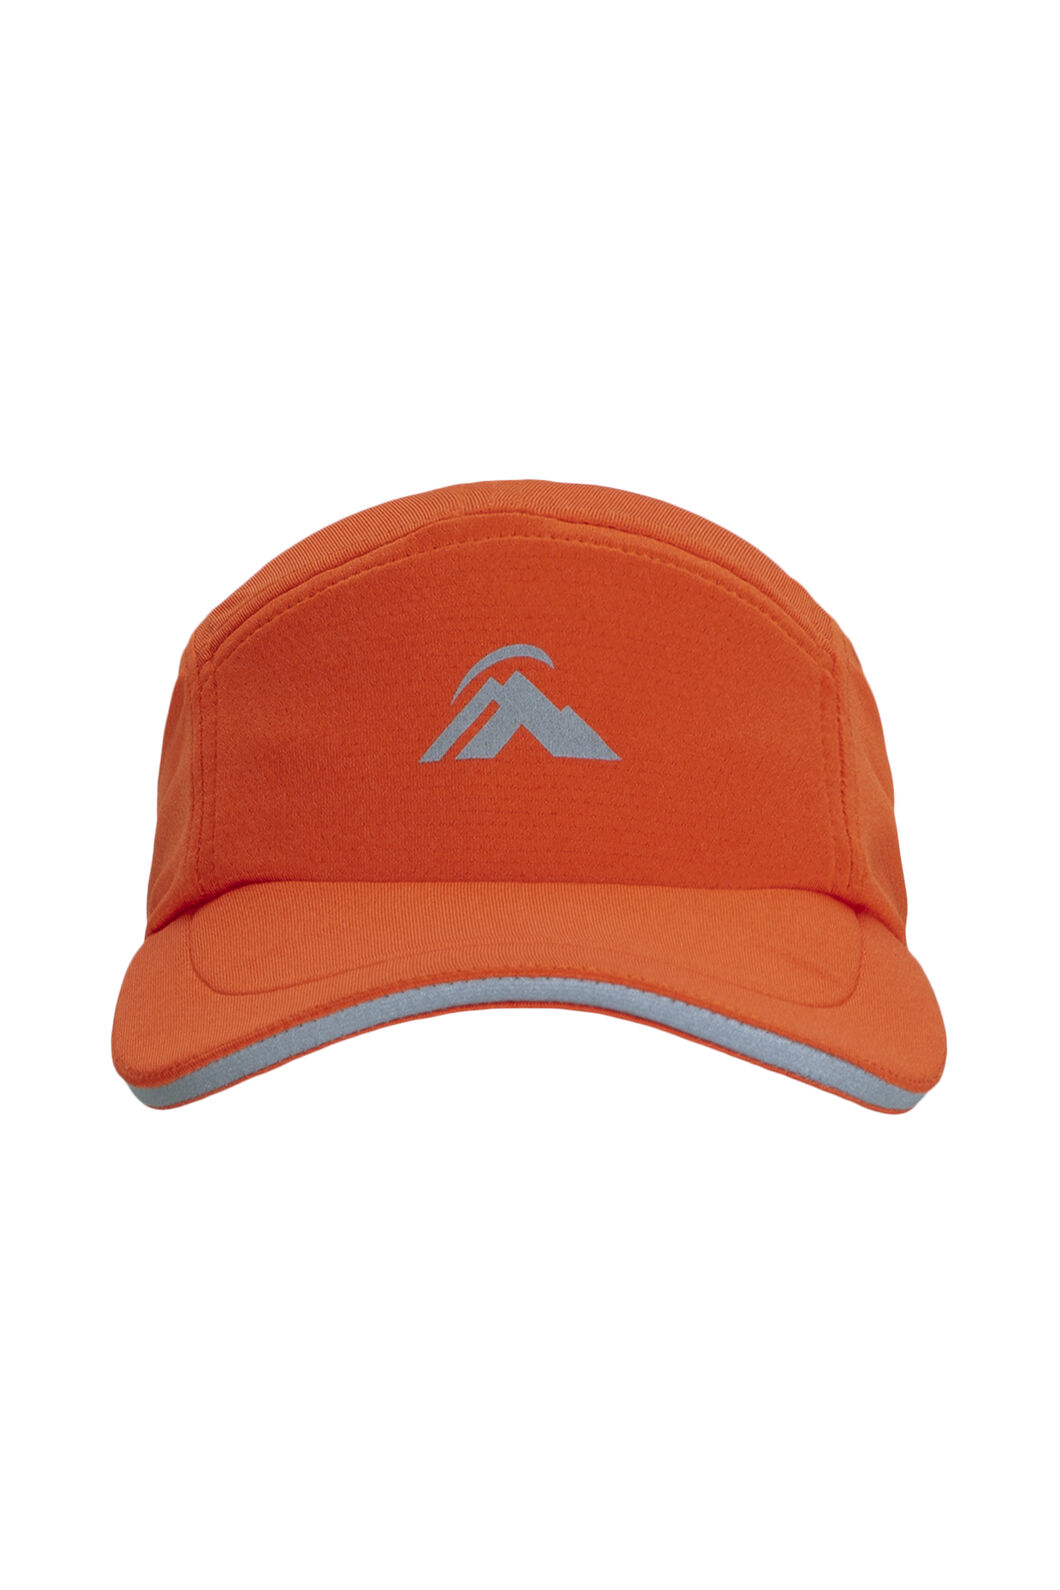 Macpac Eyre Active Cap, Pureed Pumpkin, hi-res